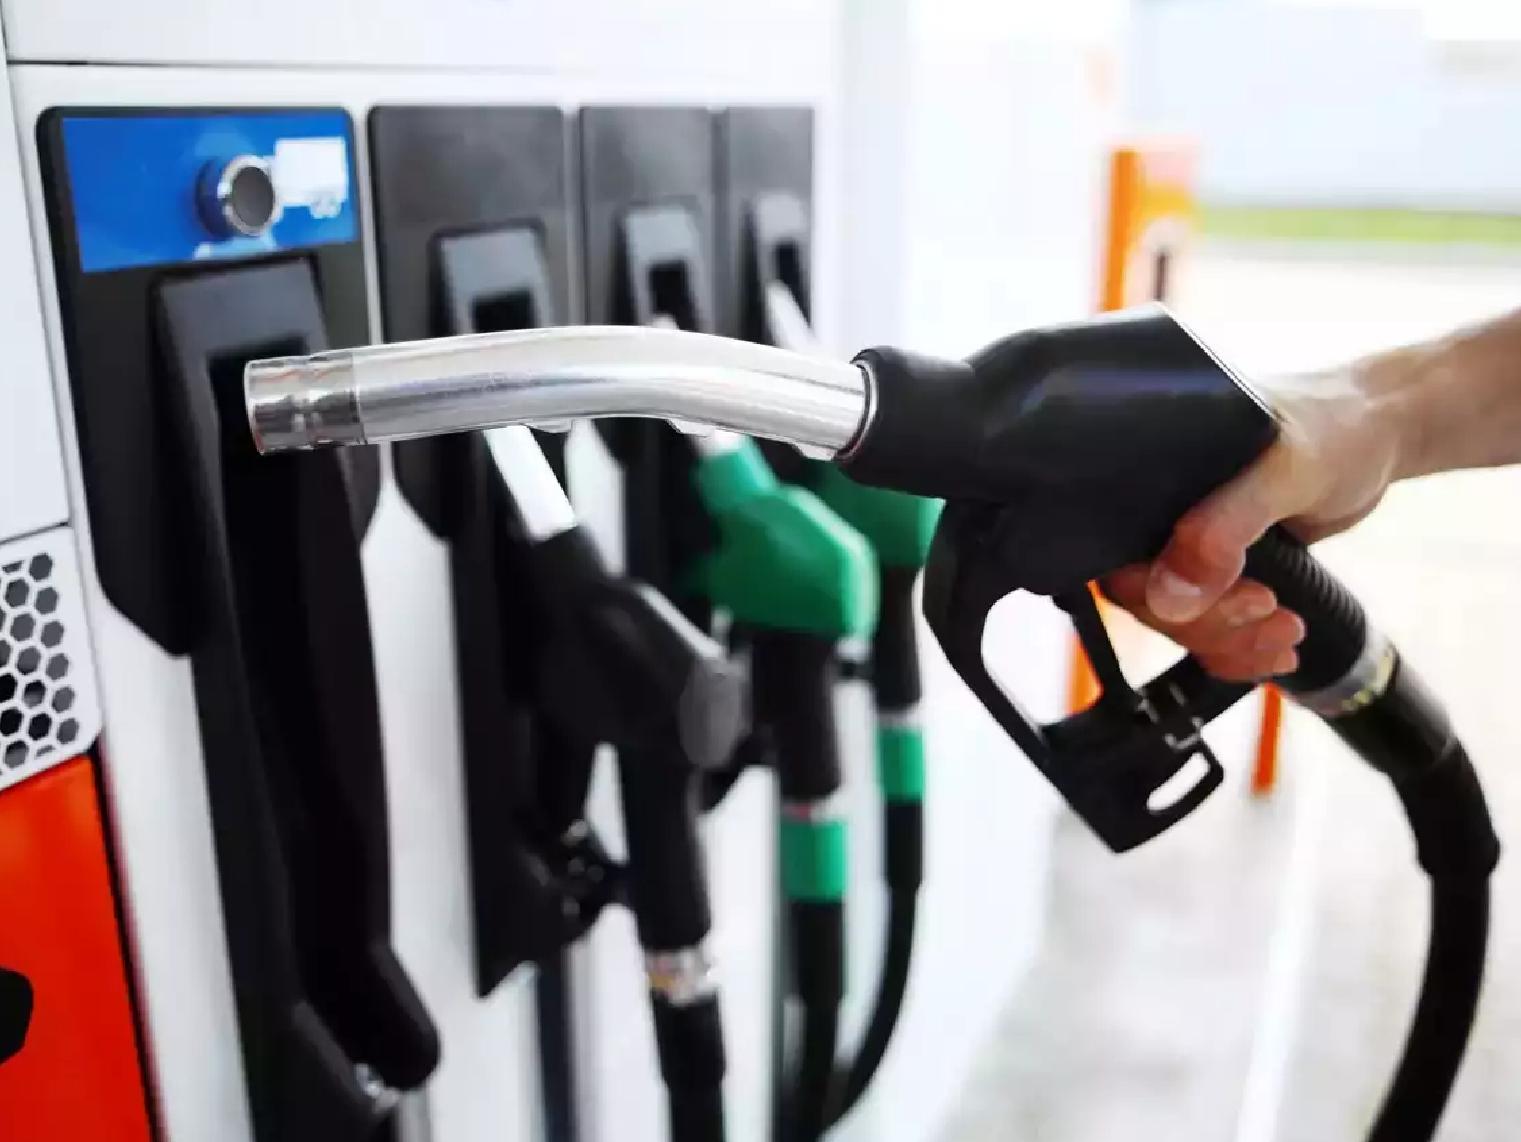 तेल निर्यातक देशों से बात कर रही भारत सरकार, उत्पादकों और उपभोक्ताओं के लिए 'वाजिब' दाम की दलील|बिजनेस,Business - Dainik Bhaskar